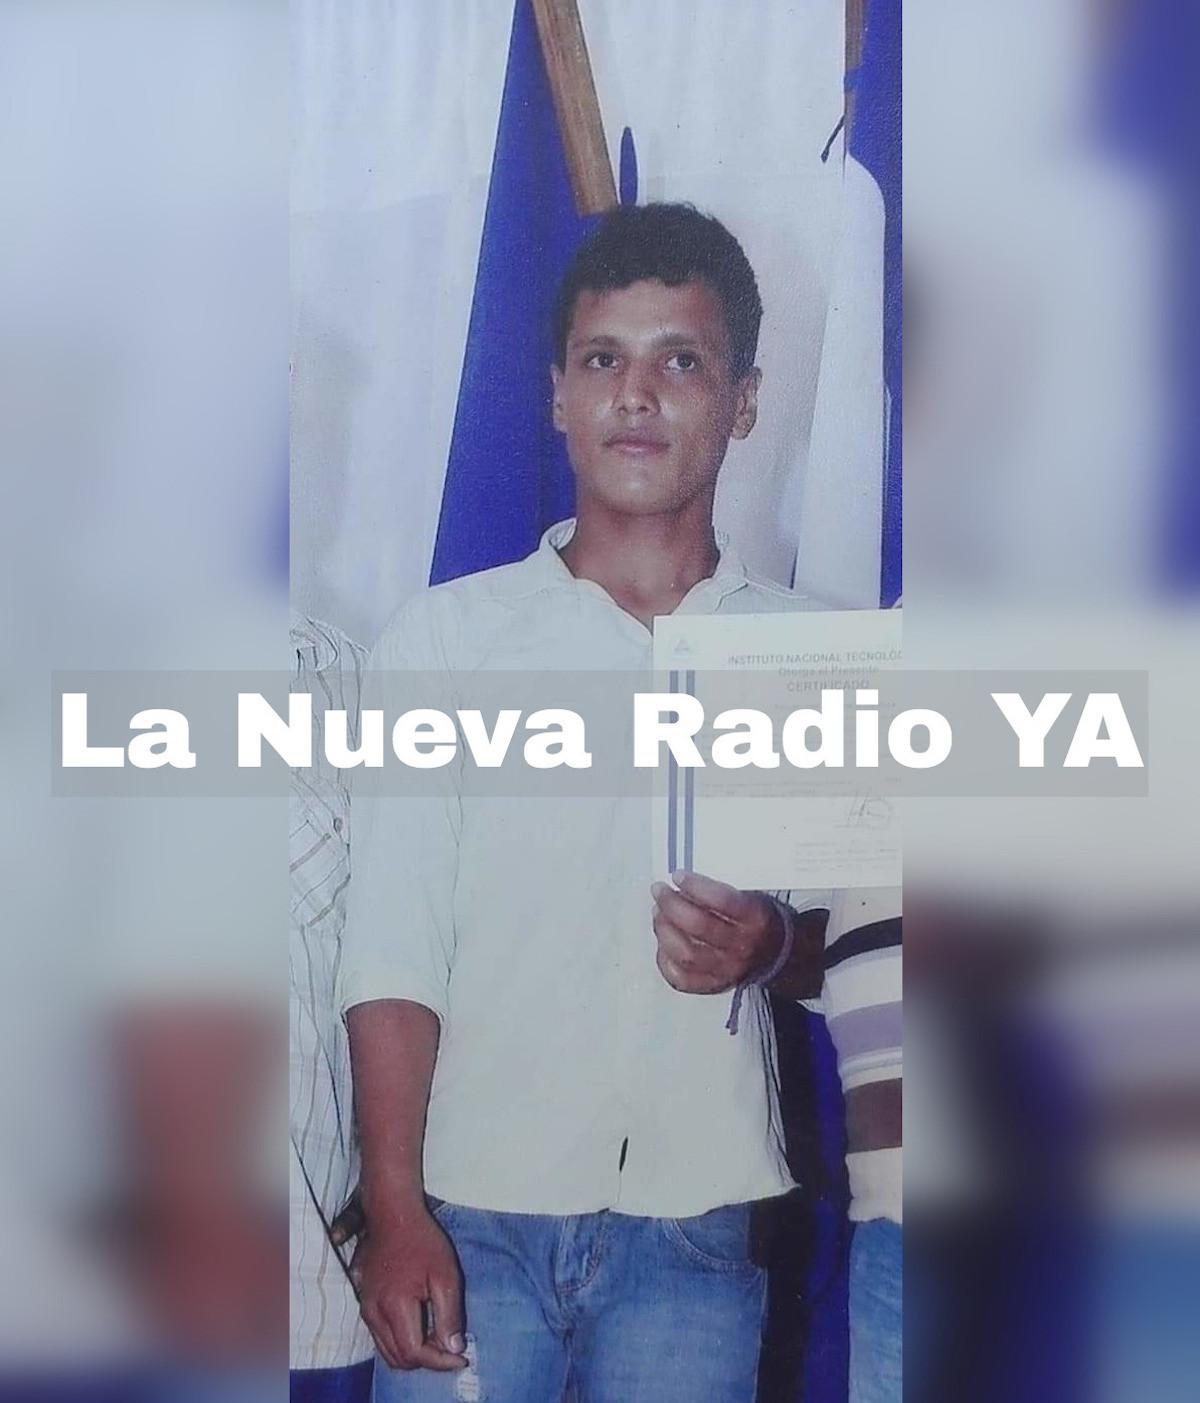 Paulino José Navarrete Espinoza